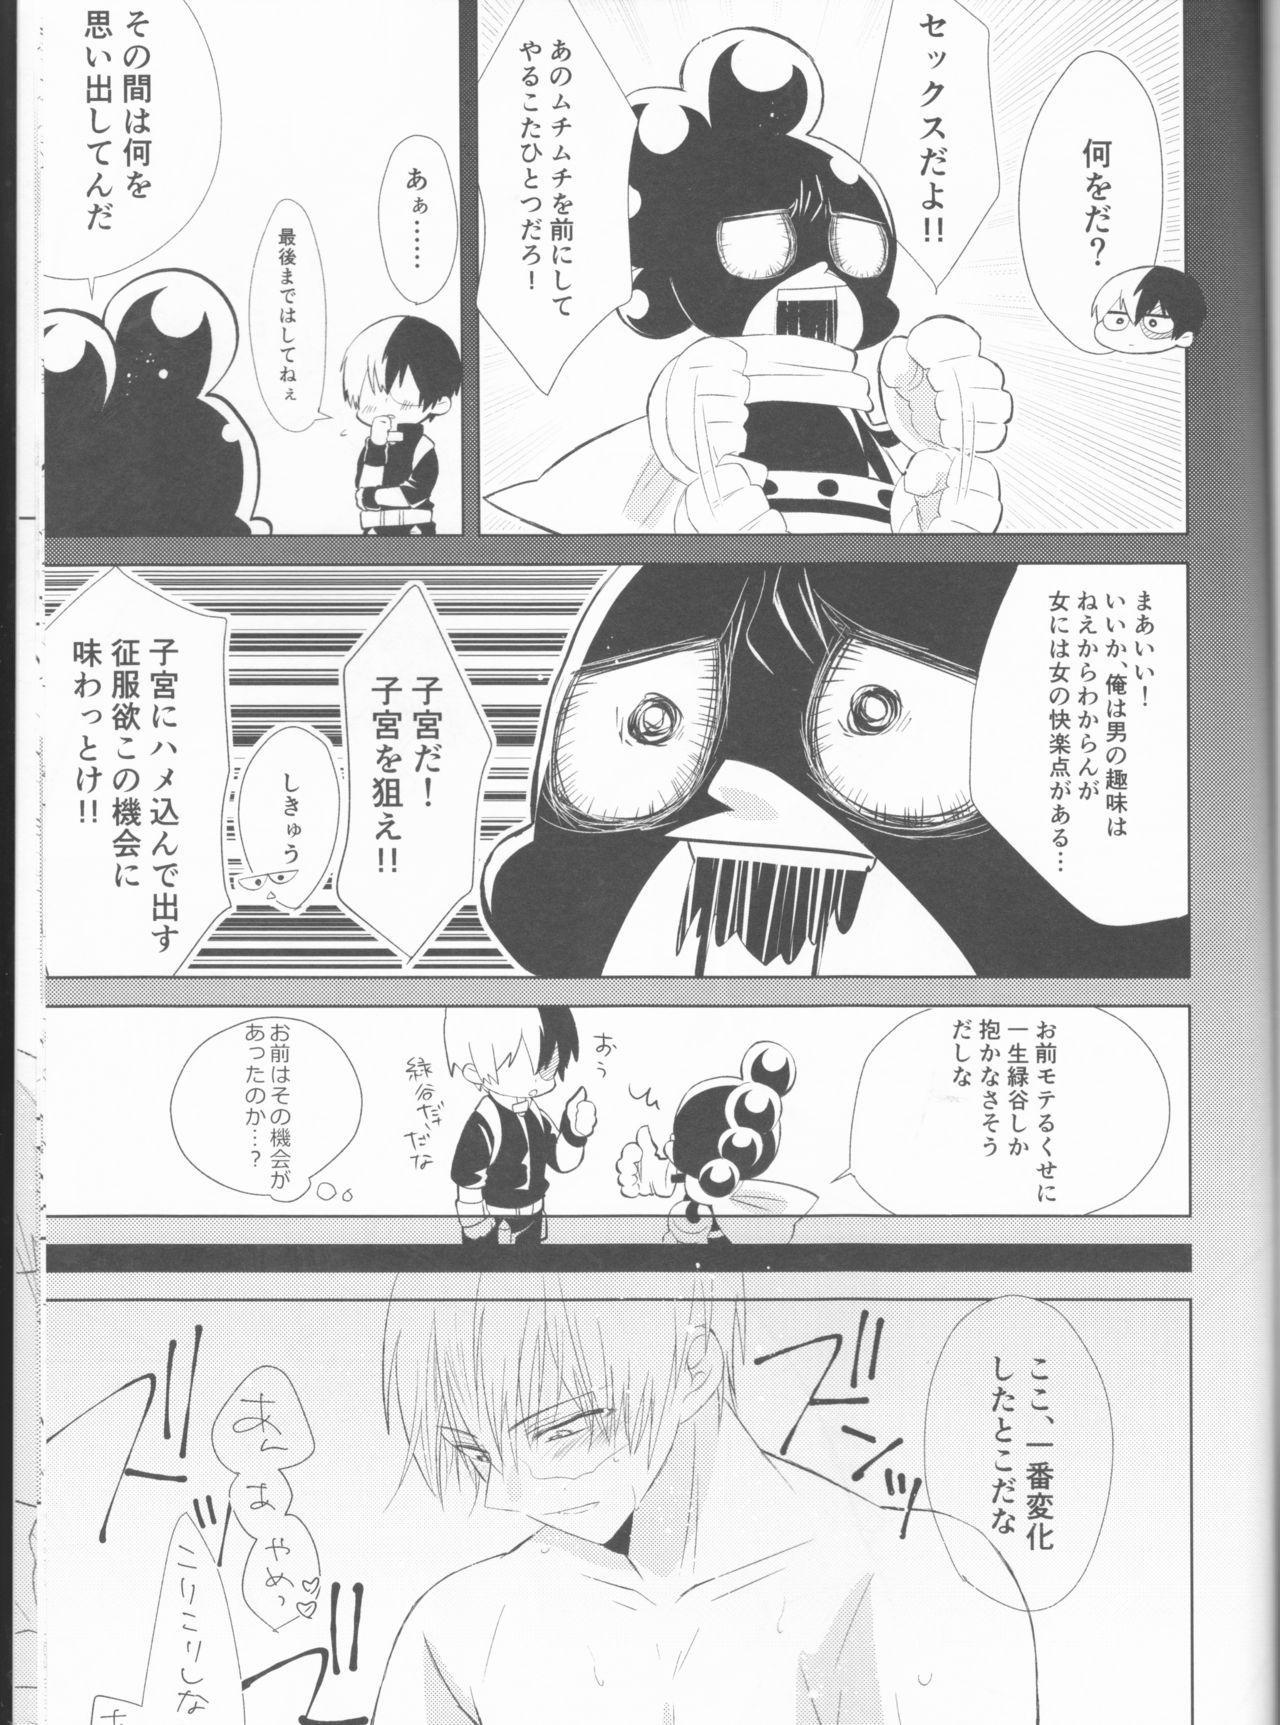 Sangatsu Usagi no Himegoto 23